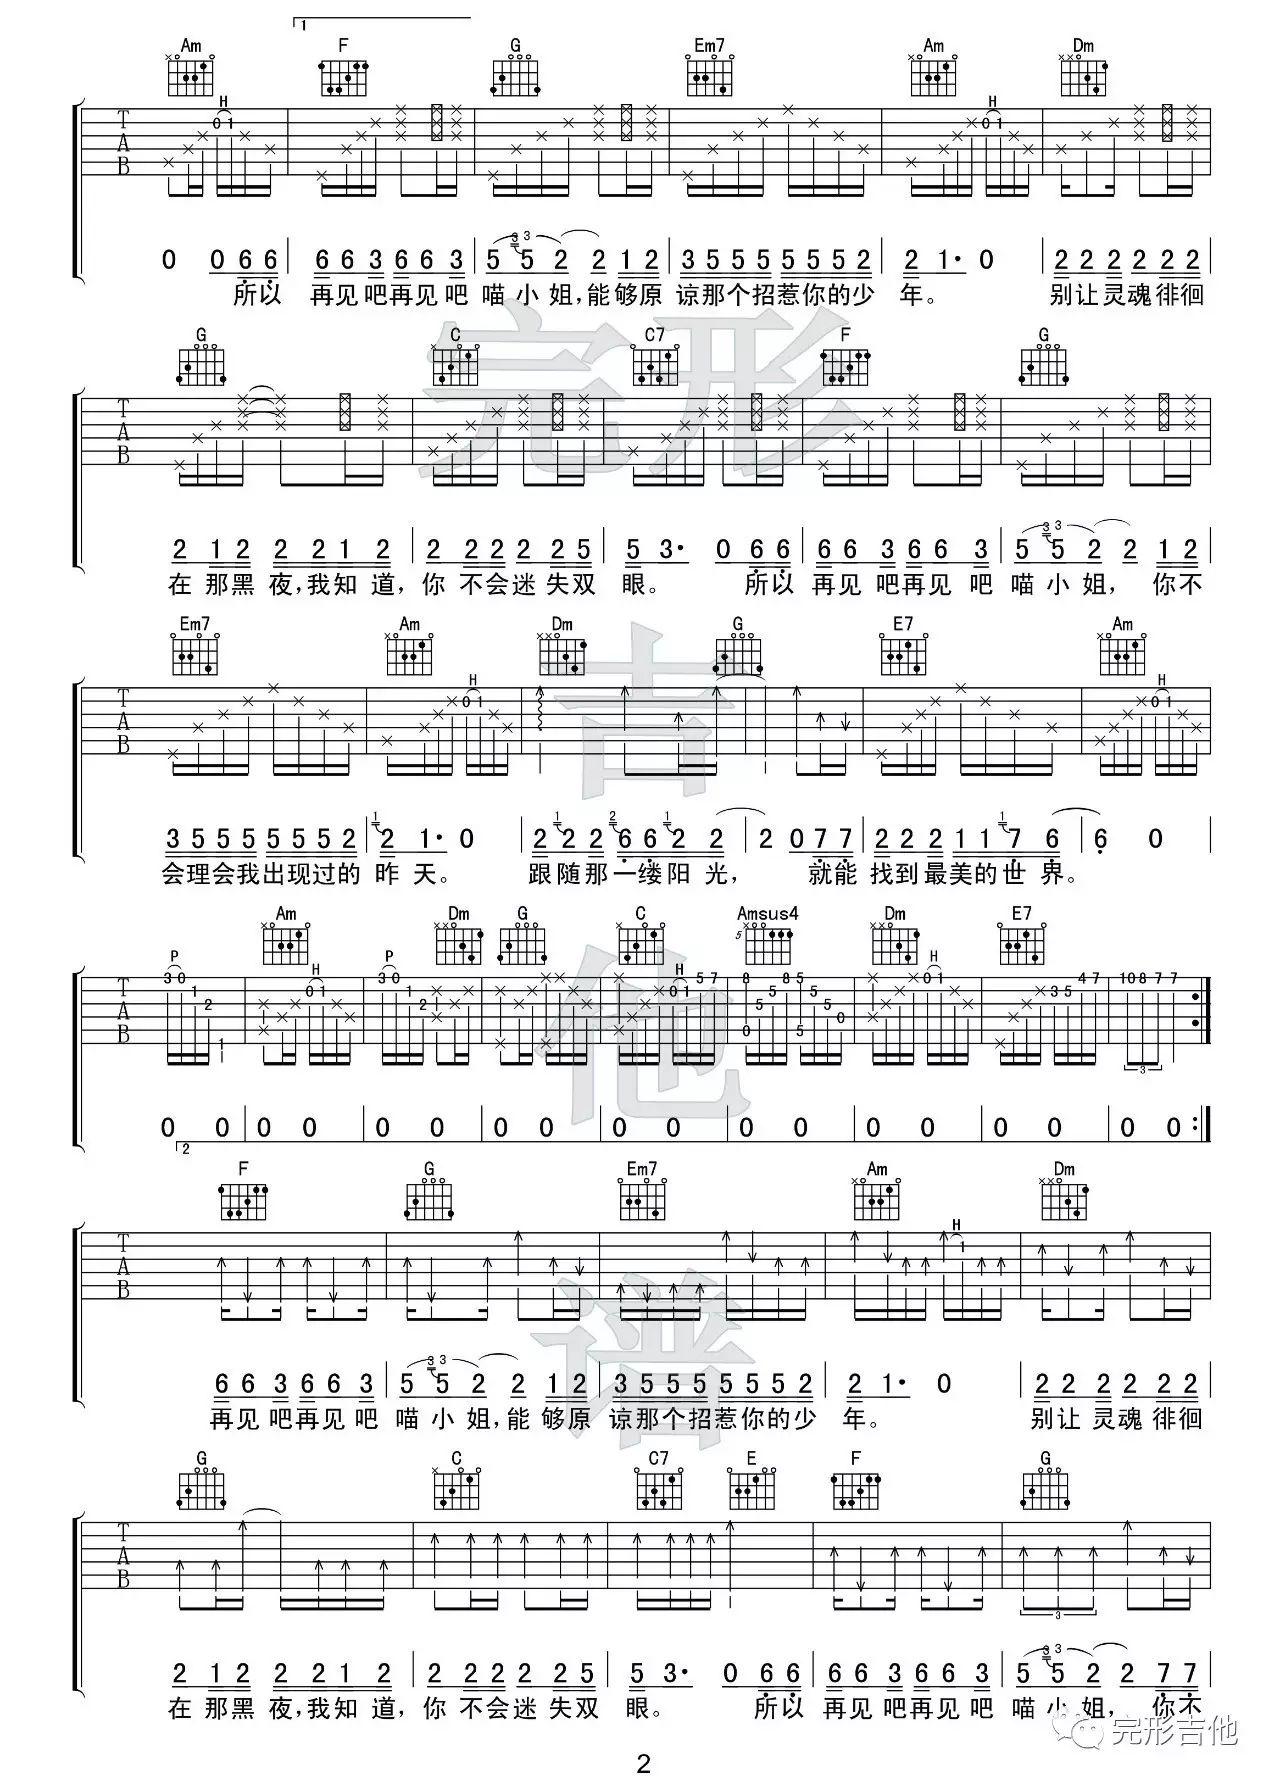 吉他派《再见吧喵小姐》吉他谱-2